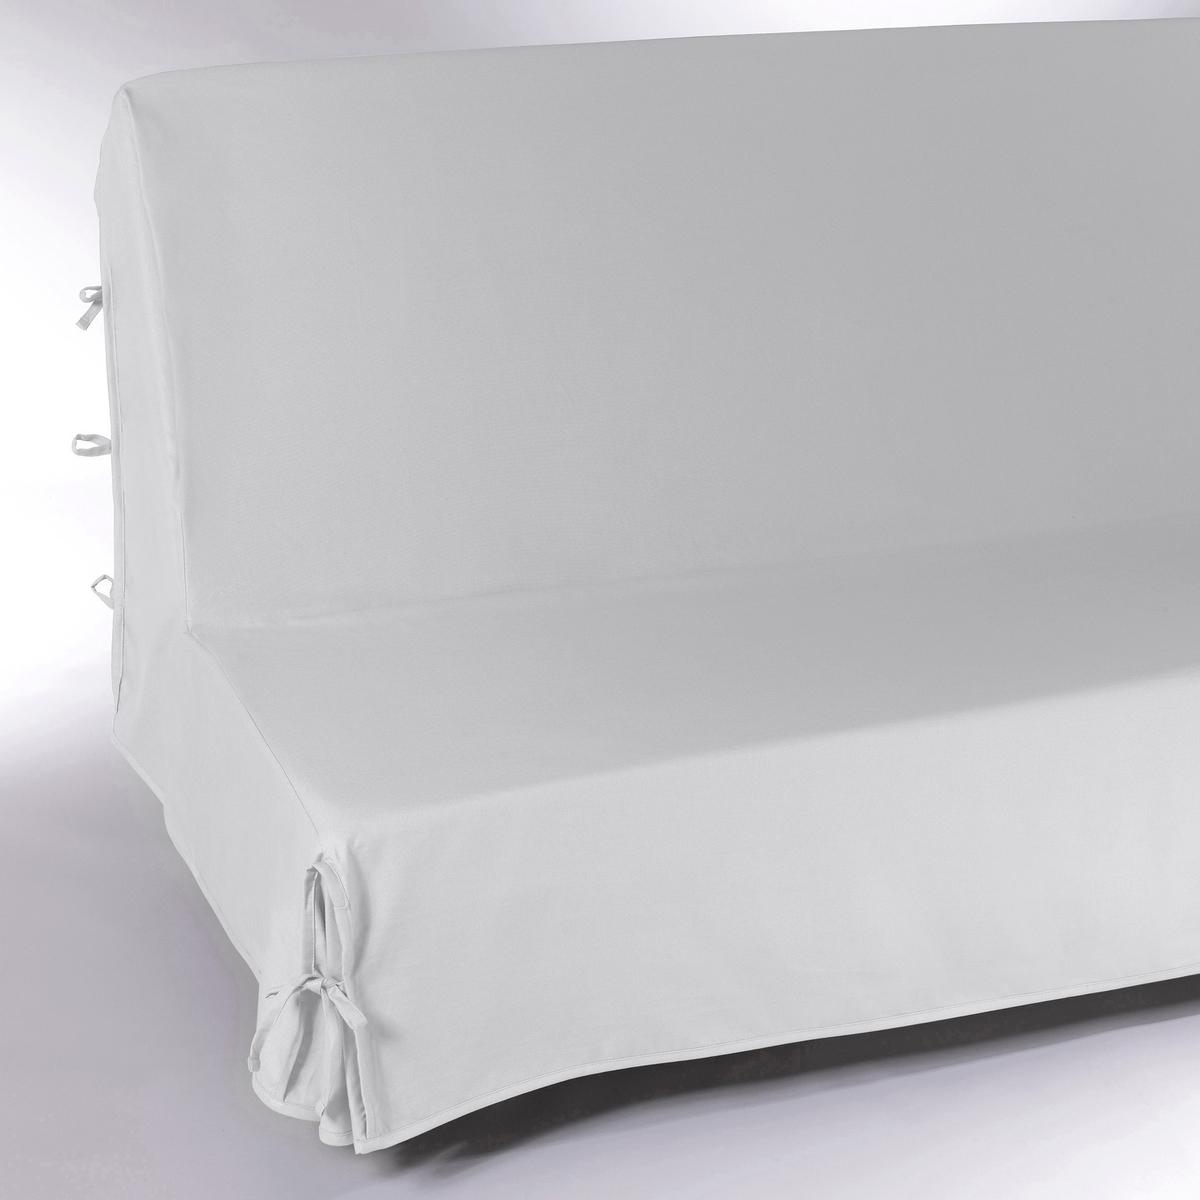 Чехол для дивана-аккордеонаПолностью закрывает диван включая спинку: удобные клапаны фиксируются завязками. Простой уход: стирка при 40°, превосходная стойкость цвета.Обработка против пятен.Размеры: 2 ширины на выбор. Длина в разложенном состоянии: 190 см. Качество VALEUR S?RE.  Производство осуществляется с учетом стандартов по защите окружающей среды и здоровья человека, что подтверждено сертификатом Oeko-tex®.<br><br>Цвет: антрацит,белый,медовый,облачно-серый,рубиново-красный,серо-коричневый каштан,сливовый,черный,экрю<br>Размер: 140.140.140.160